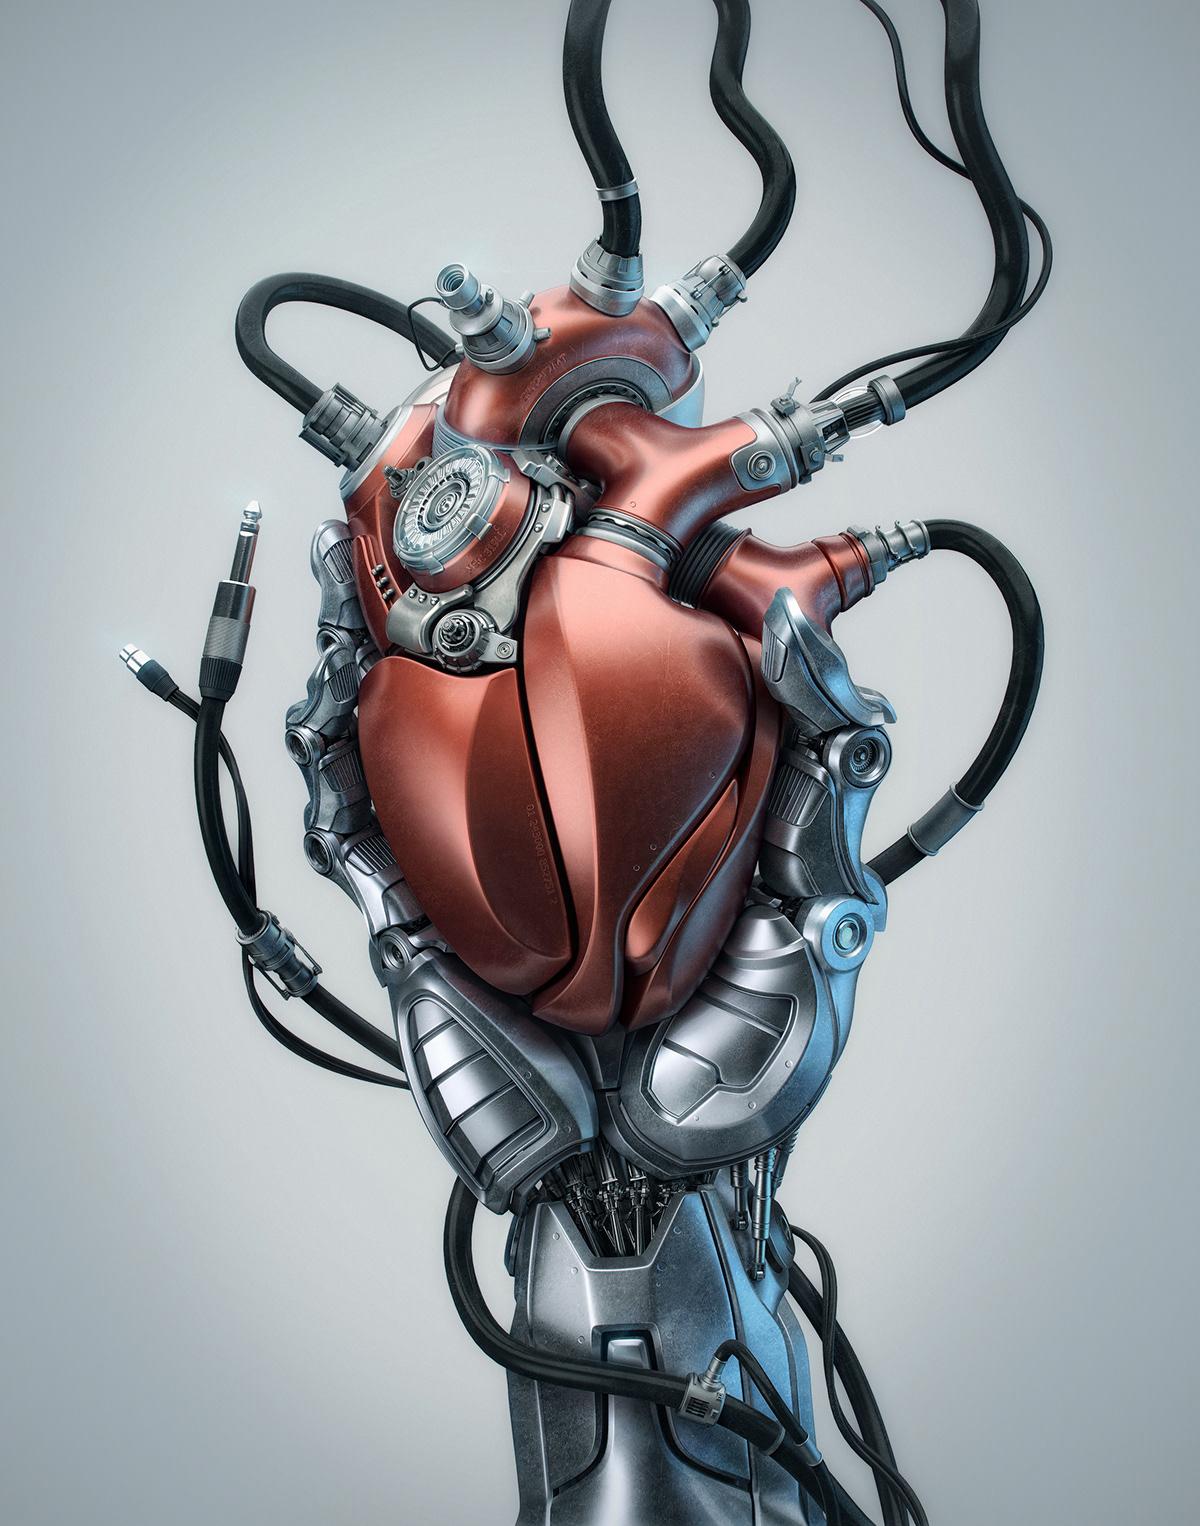 robot,CGI,mechanical heart ,3D,ai,artificial intelligence,cryptoart,cryptoartist,nft,nftart